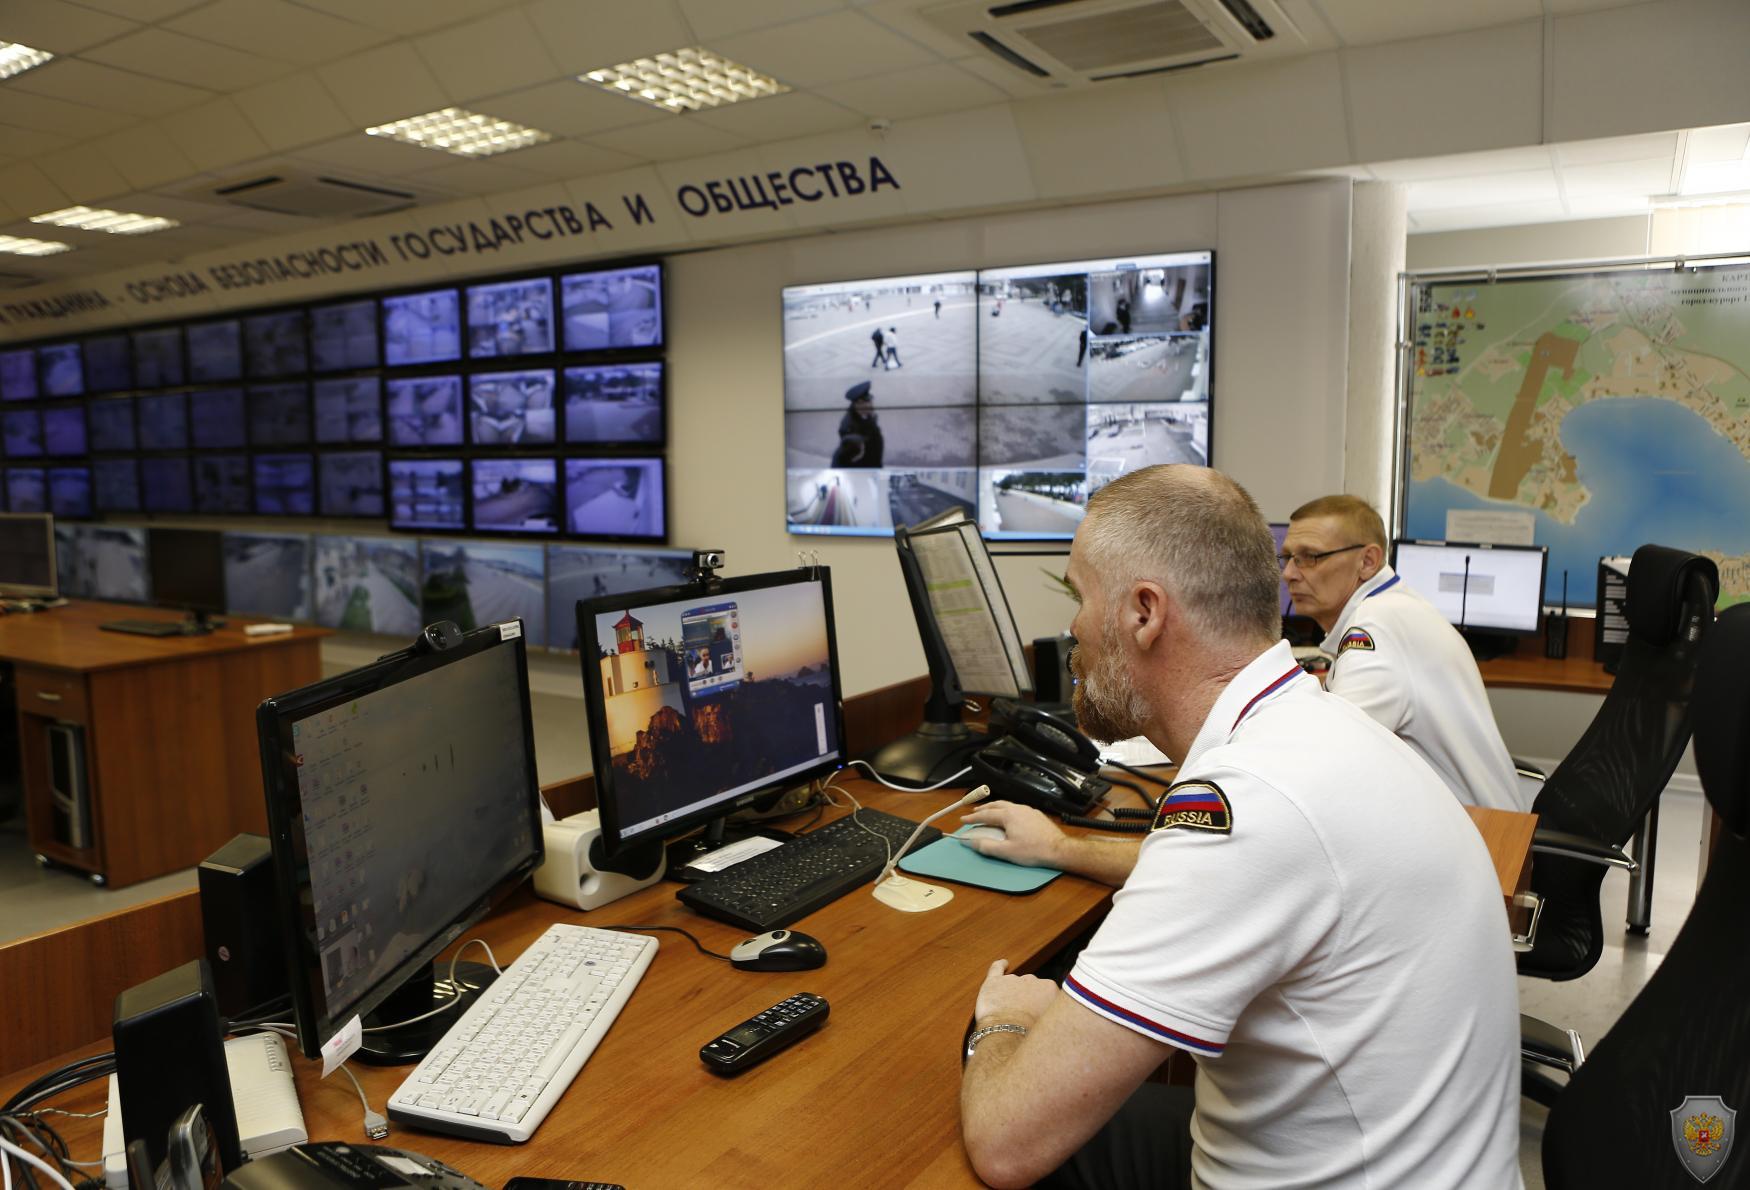 Ситуационный центр «Безопасный город» города-курорта Геленджик